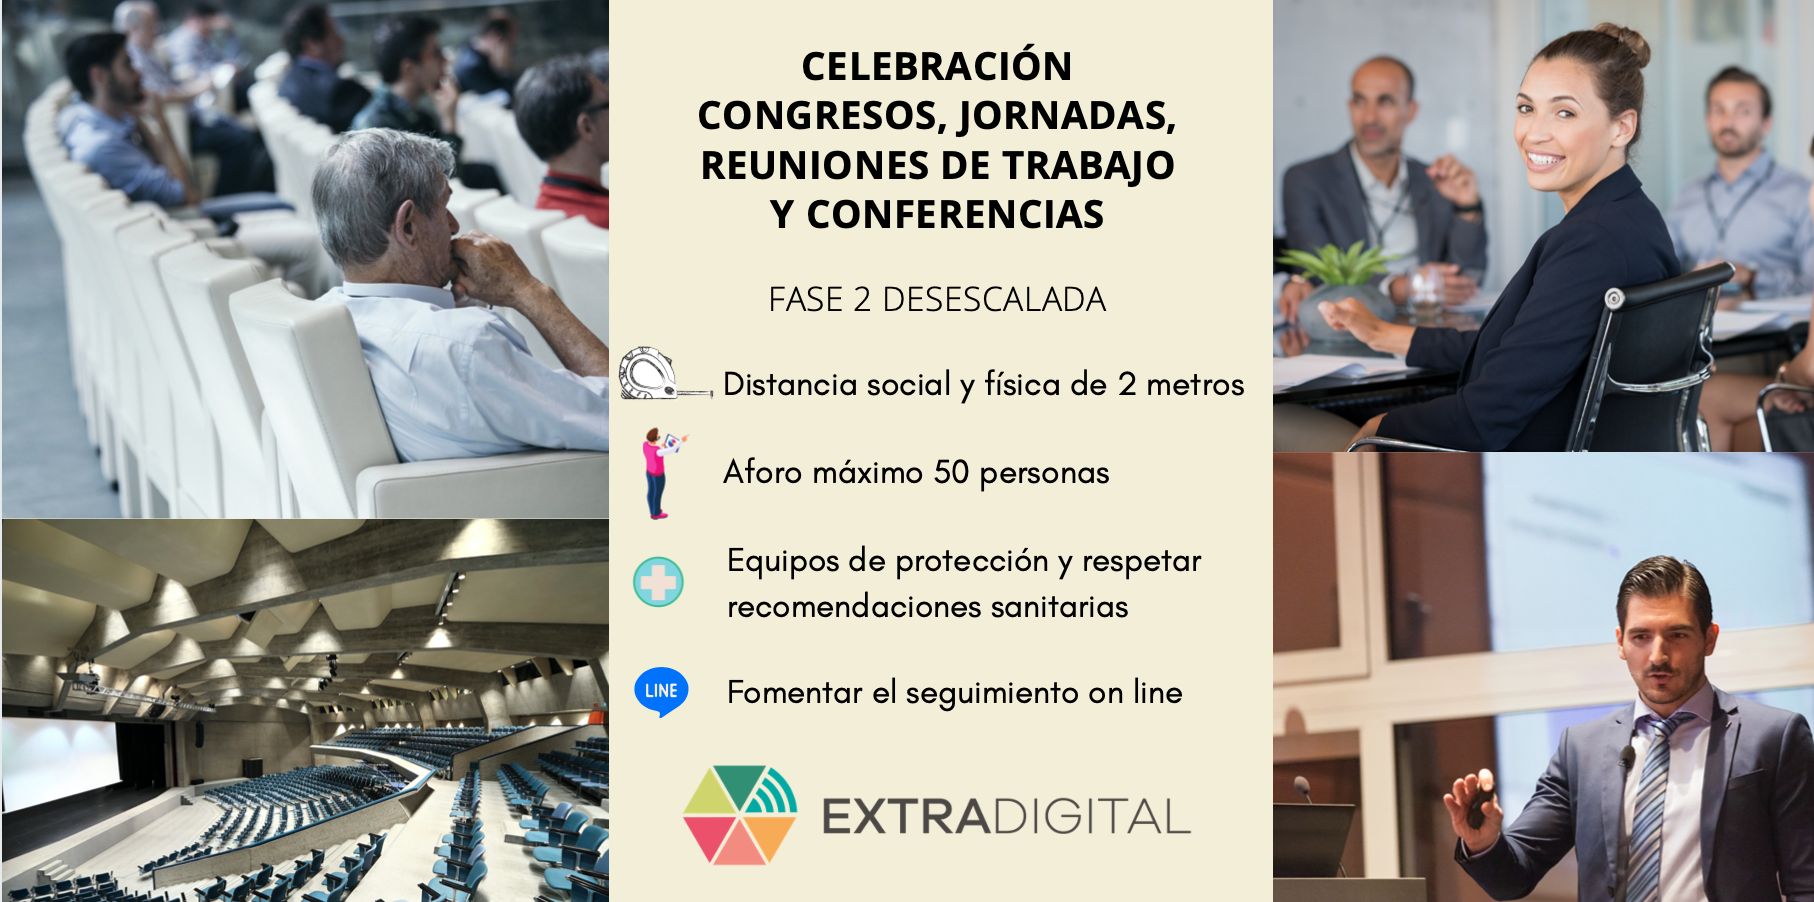 La entrada en la Fase 2 supondrá de facto la vuelta la celebración de Jornadas, Congresos, encuentros, reuniones de negocio y conferencias.